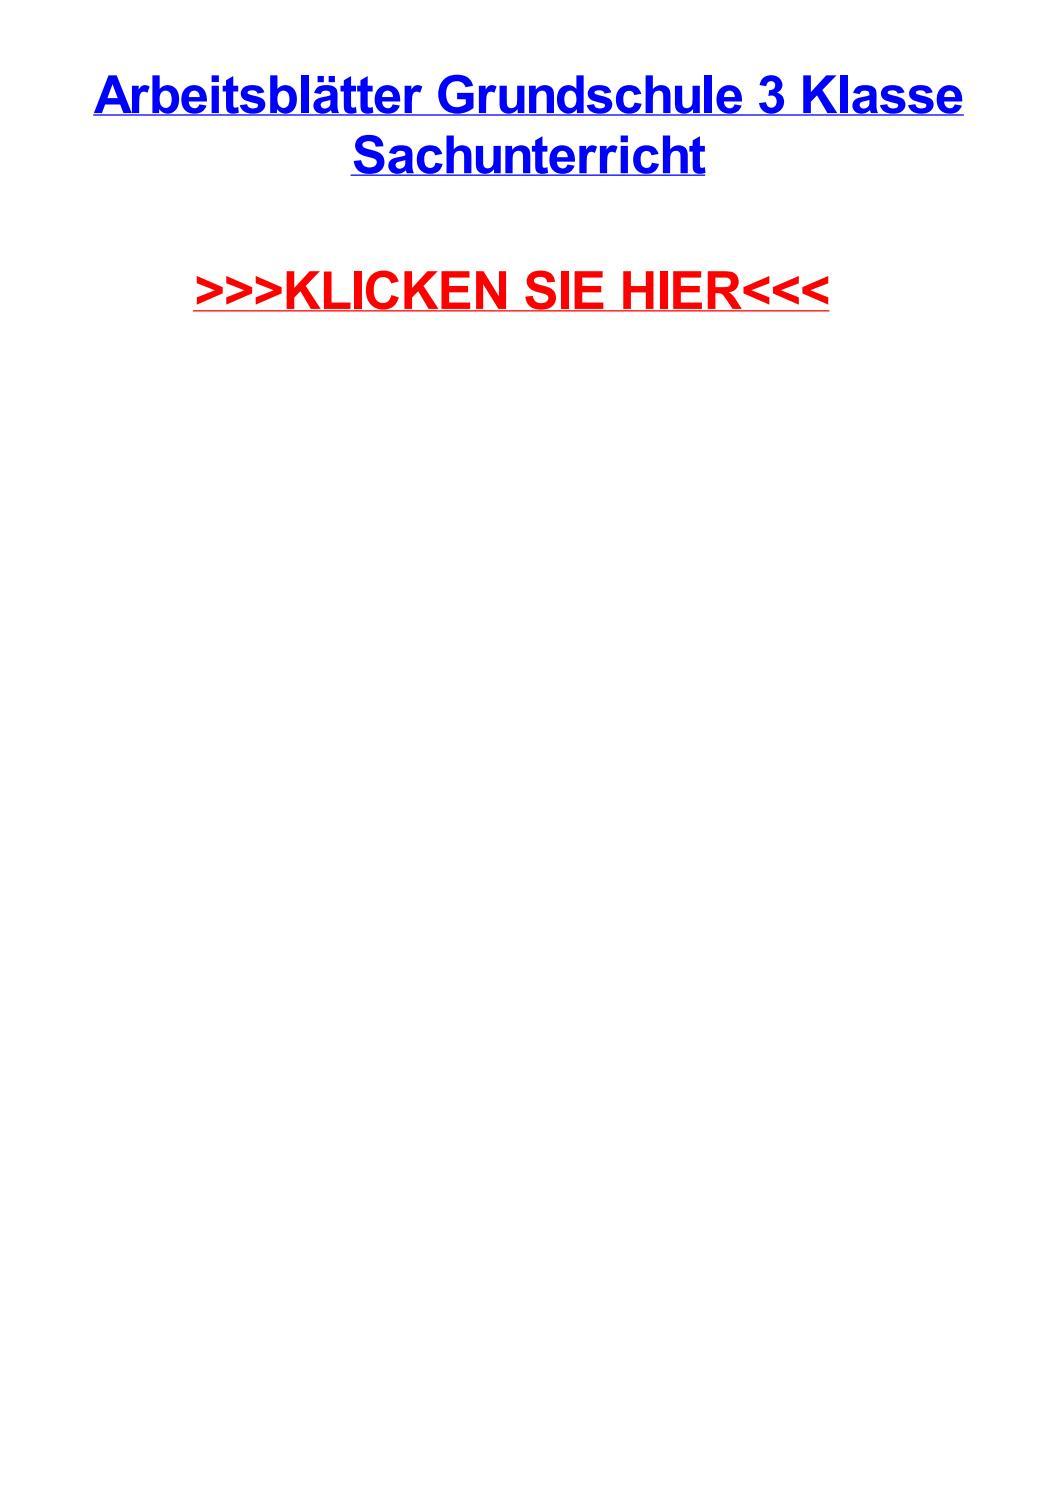 Arbeitsbltter grundschule 3 klasse sachunterricht by angelaiefki - issuu